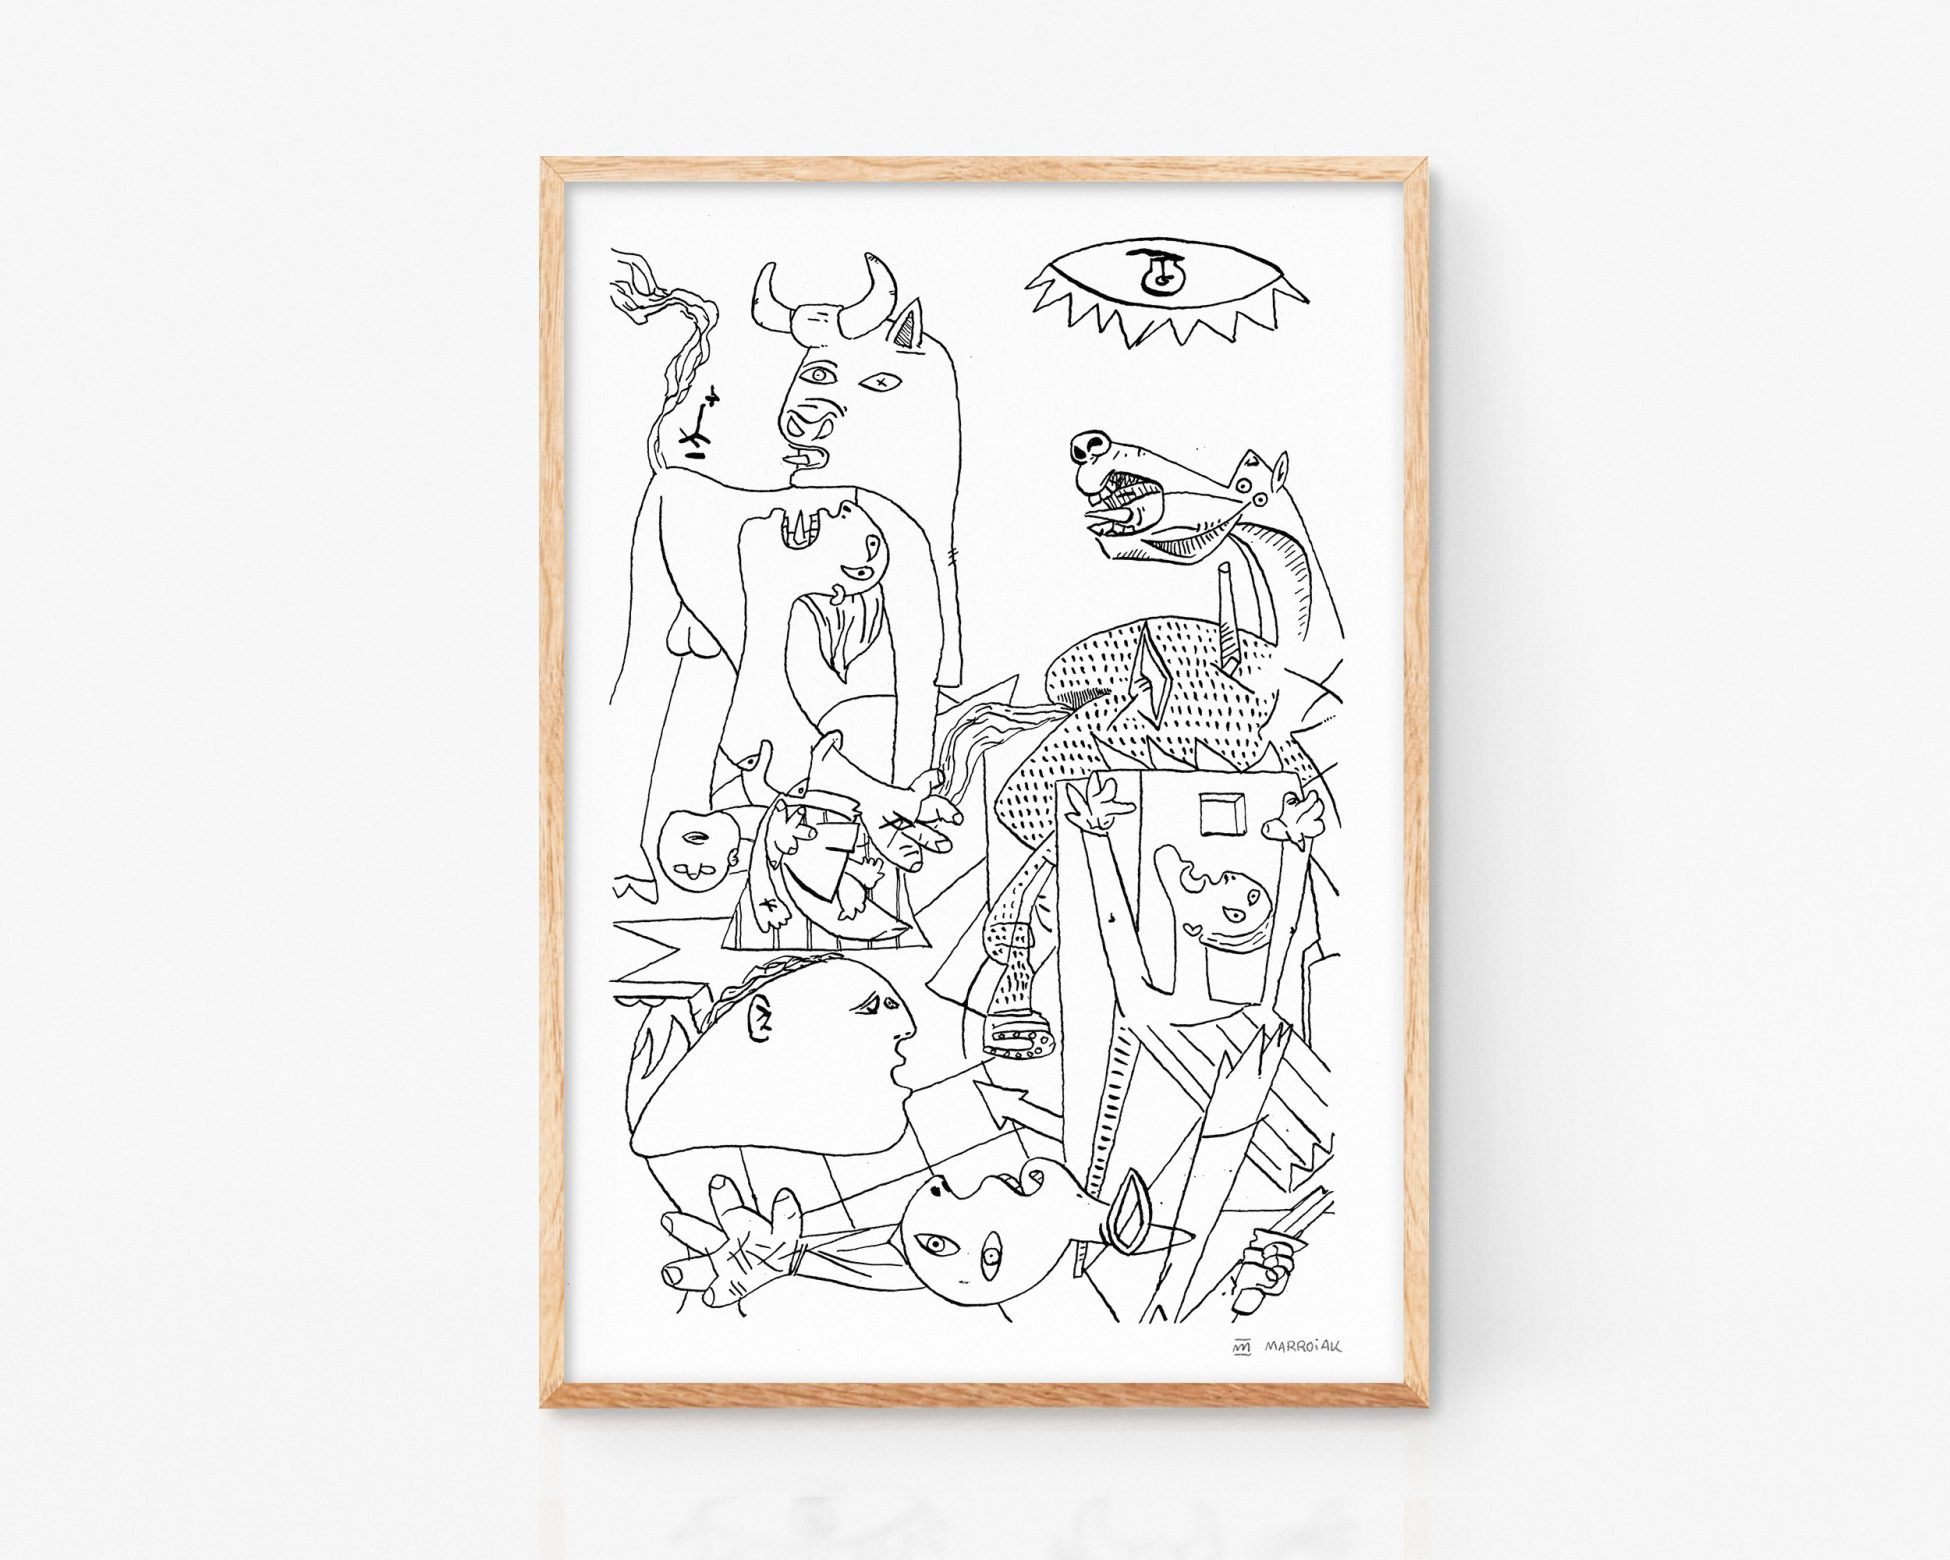 Lámina print con una ilustración del Guernica, la pintura del artista Pablo Picasso. Cuadro abstracto cubista. Art moderno remezclado